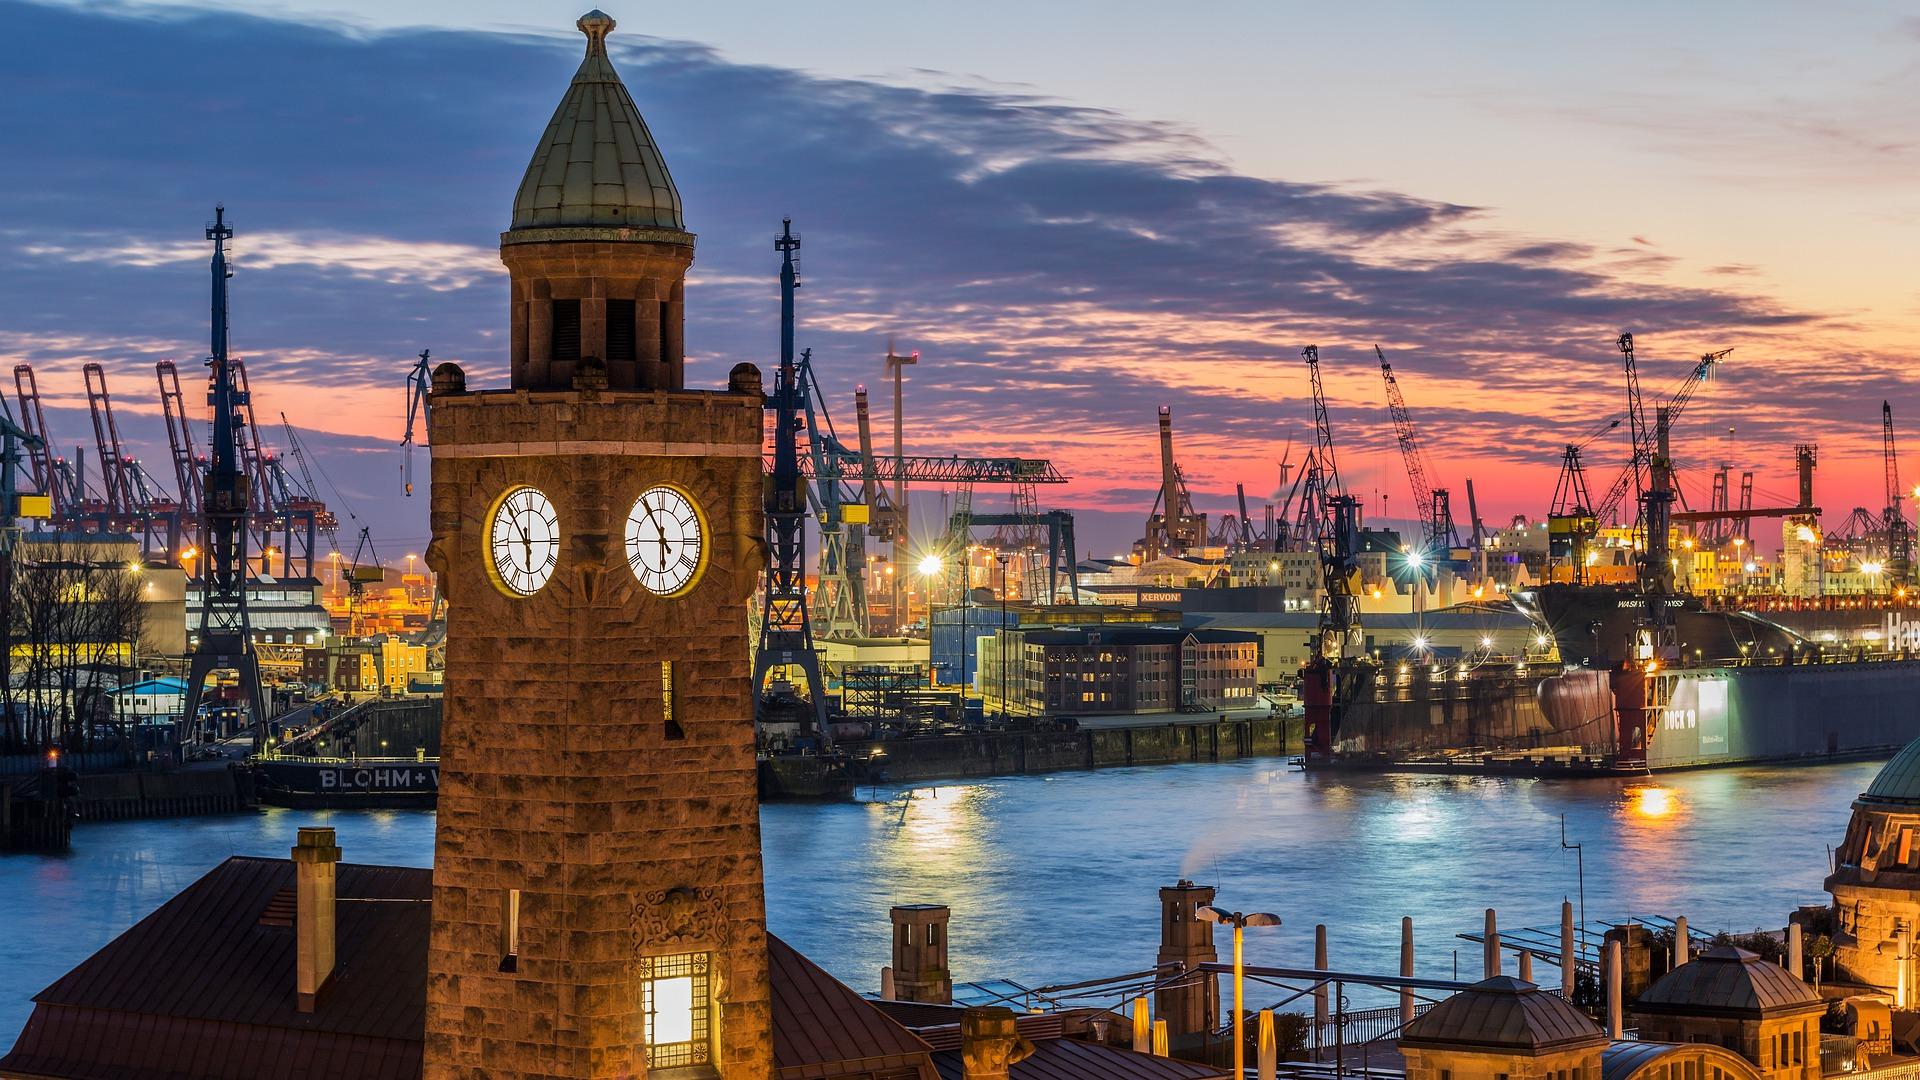 Miete oder Kauf in Hamburg? Barmbek-Nord im Fokus